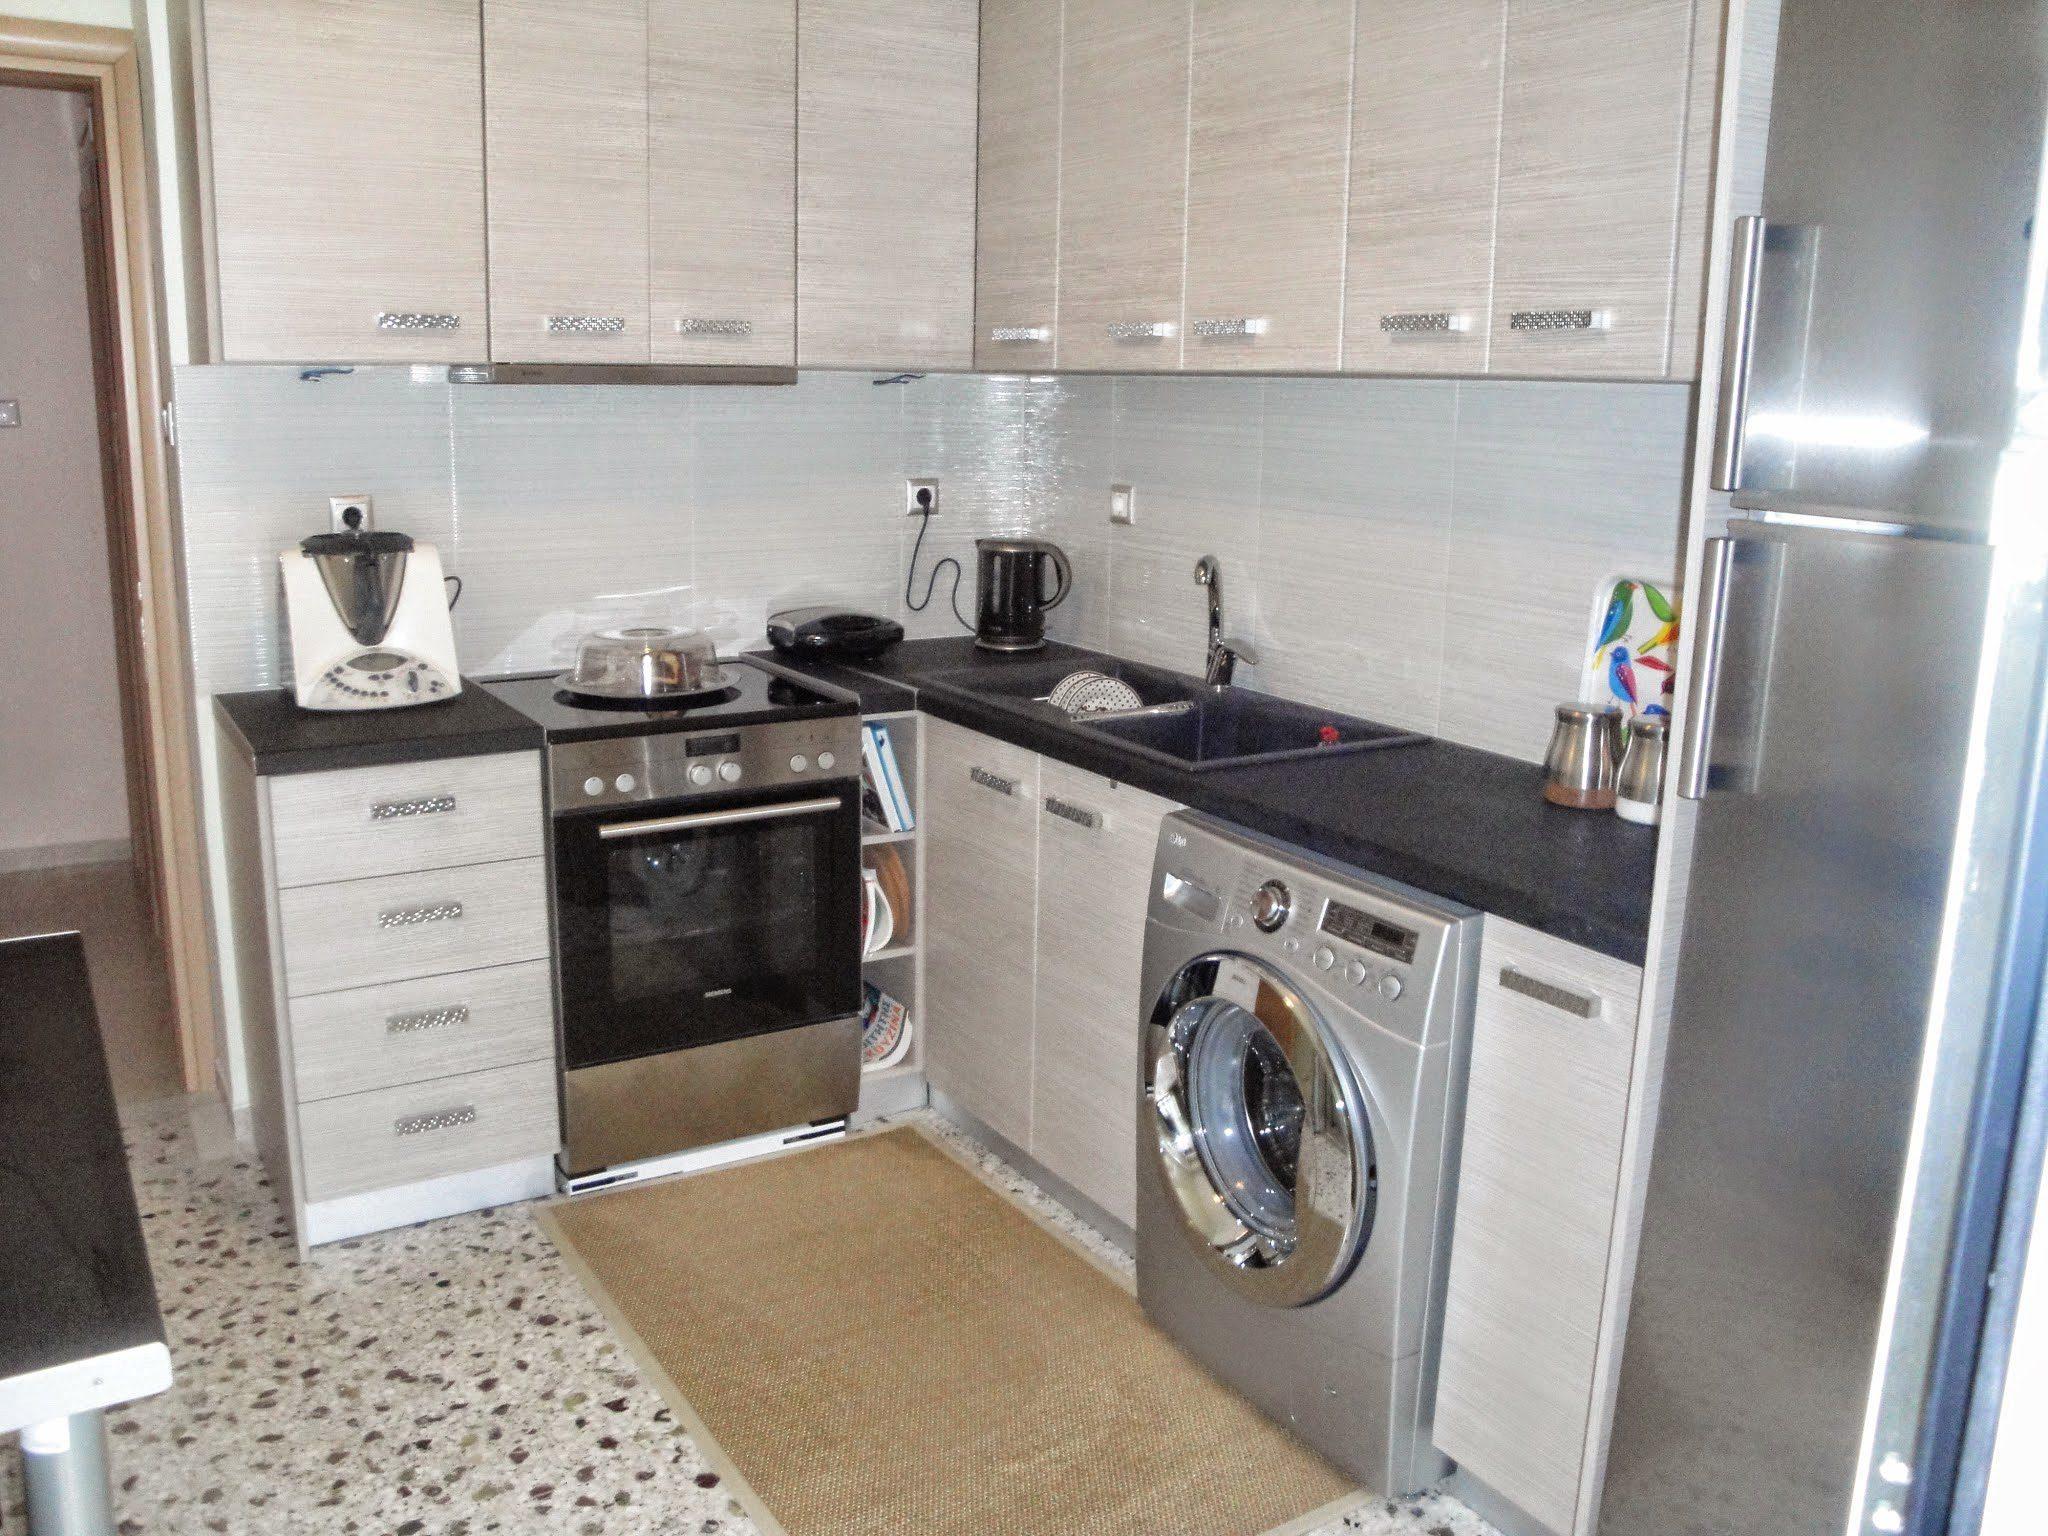 Μικρή κουζίνα λειτουργική που χωράει ακόμα και το πλυντήριο ρούχων